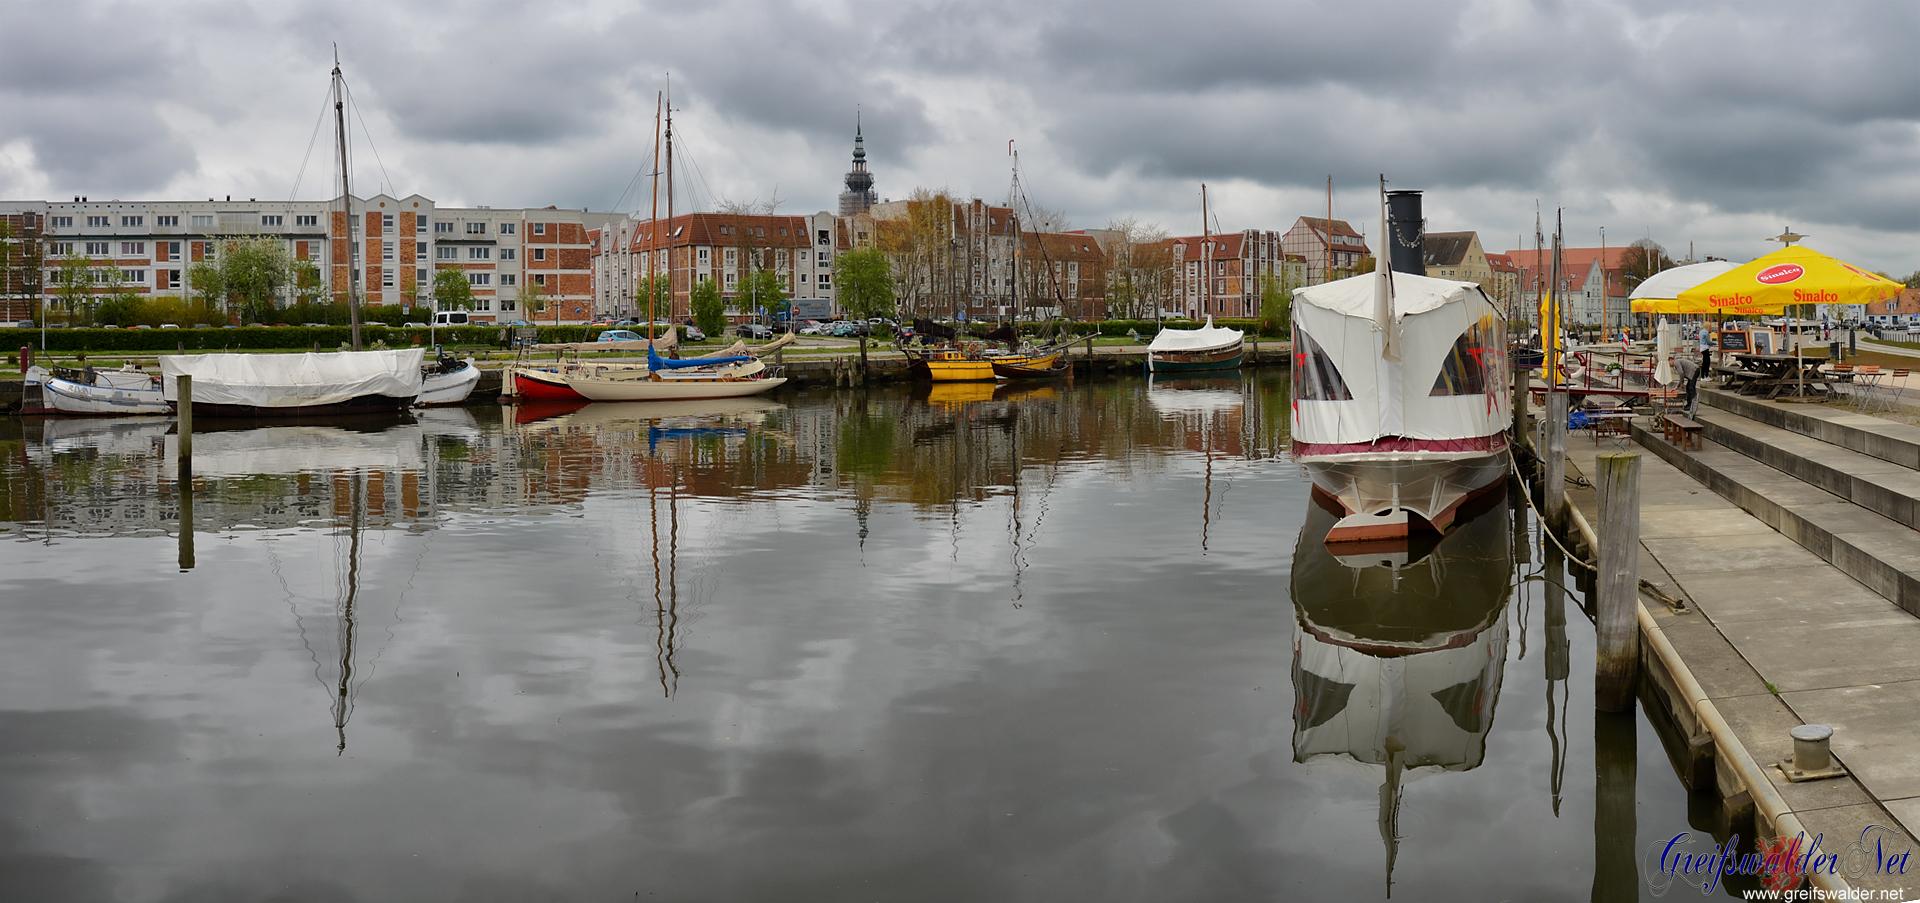 Samstagvormittag am Museumshafen in Greifswald